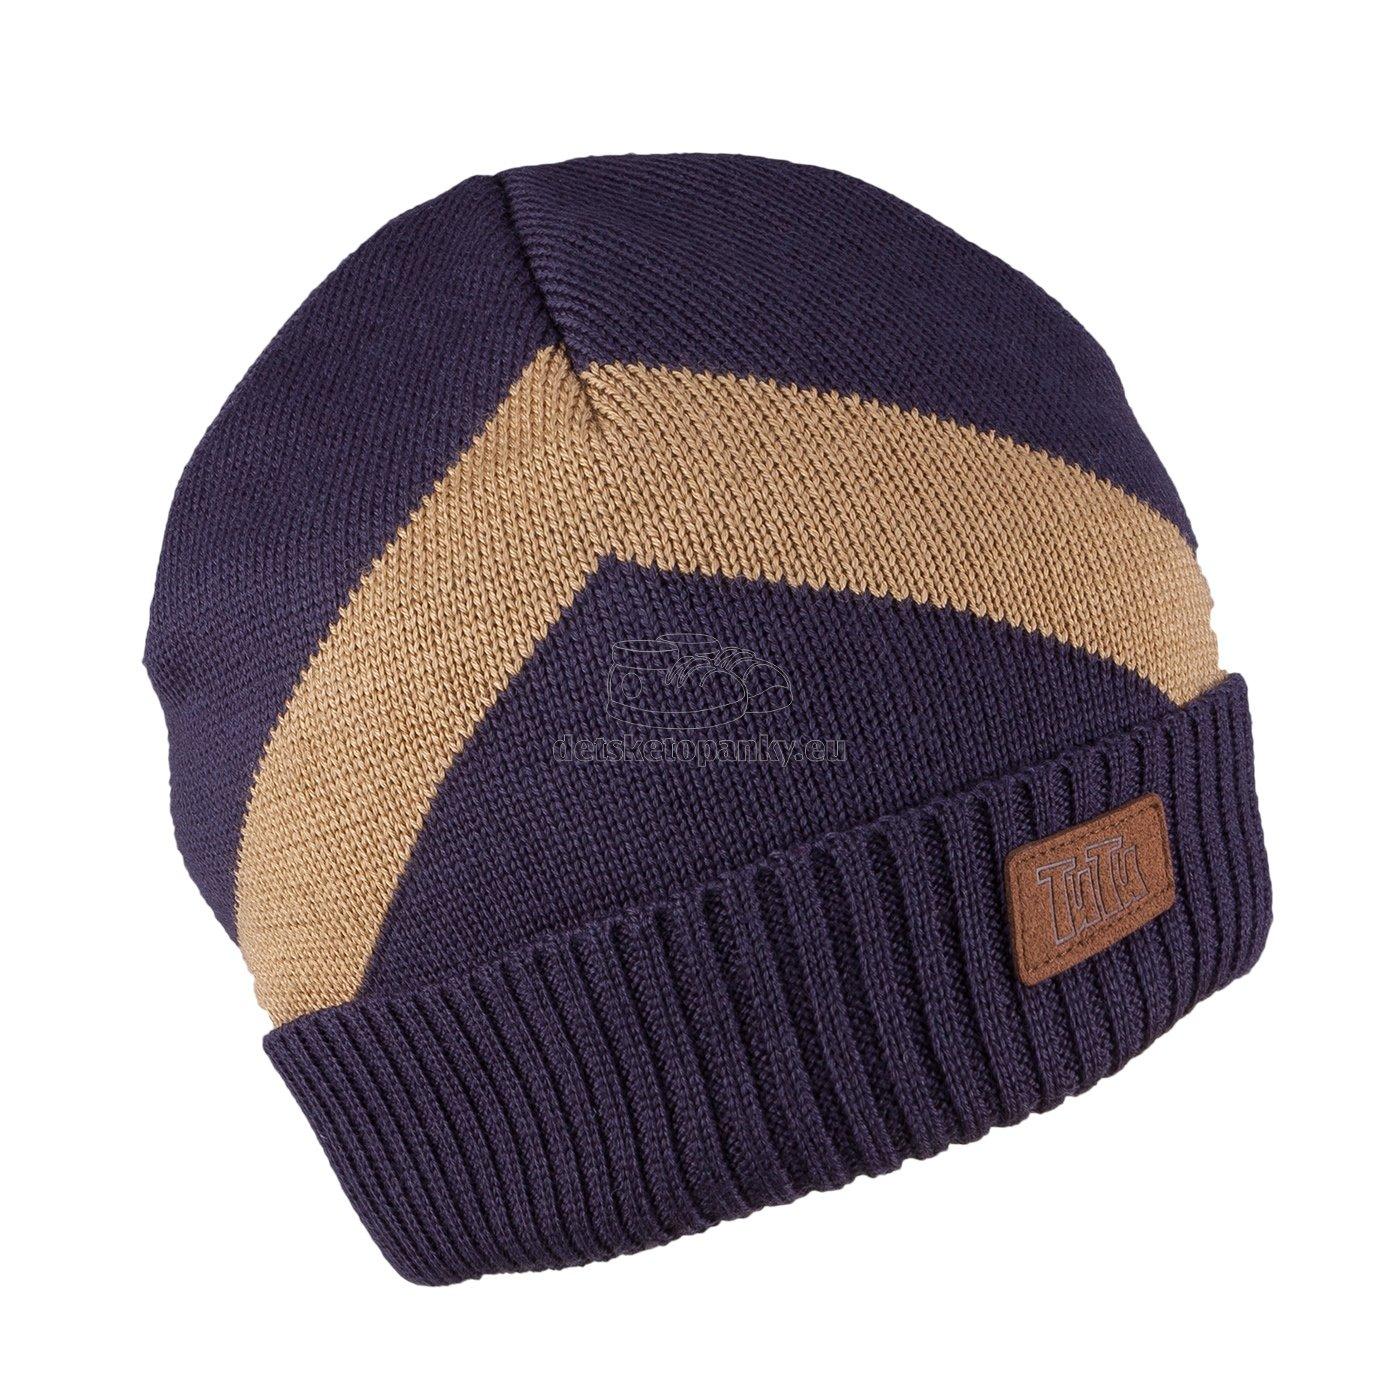 Detská zimná čapica TUTU 3-005193 n.blue